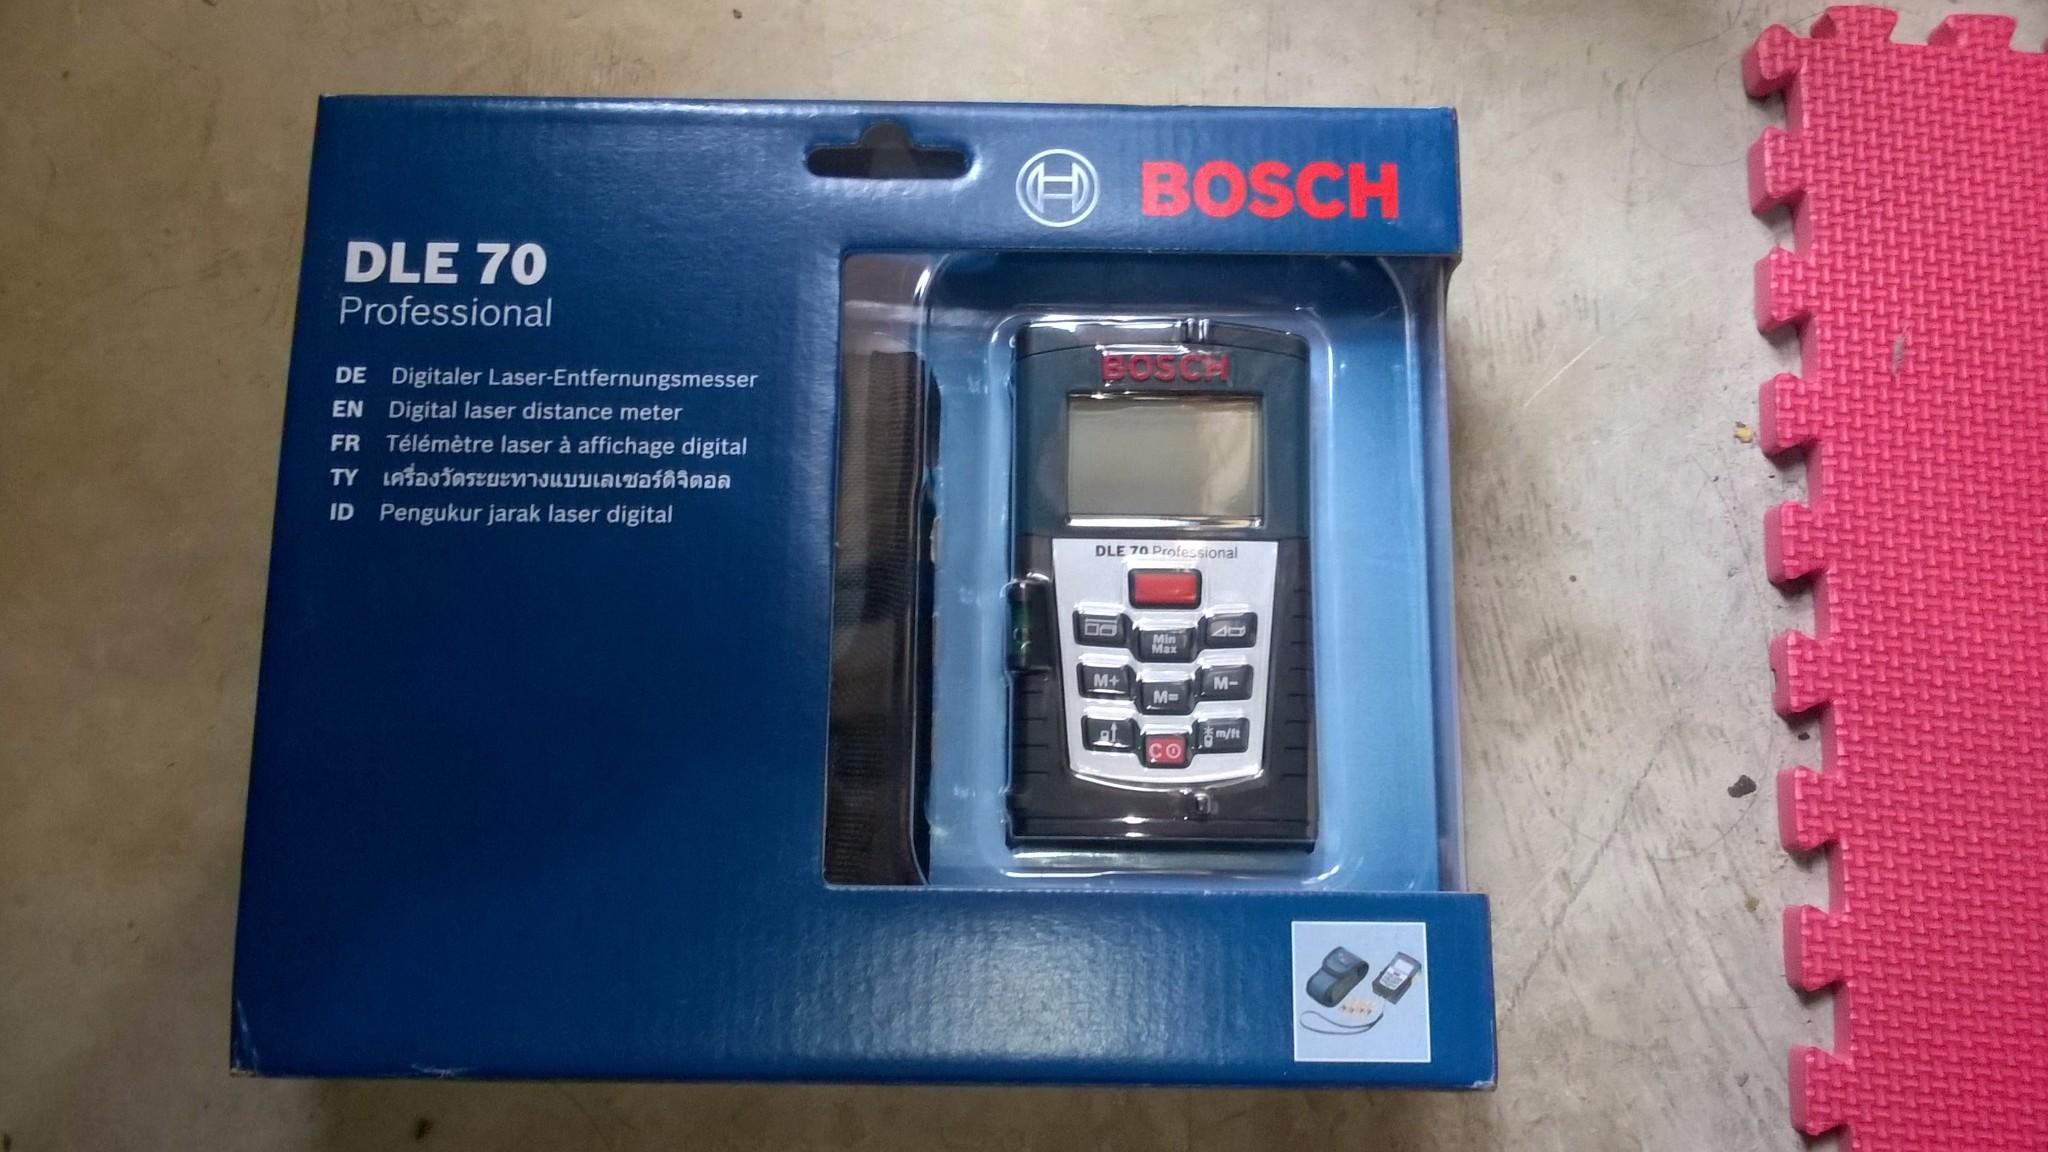 Bosch entfernungsmesser dle 70: laser entfernungsmesser bosch dle 70